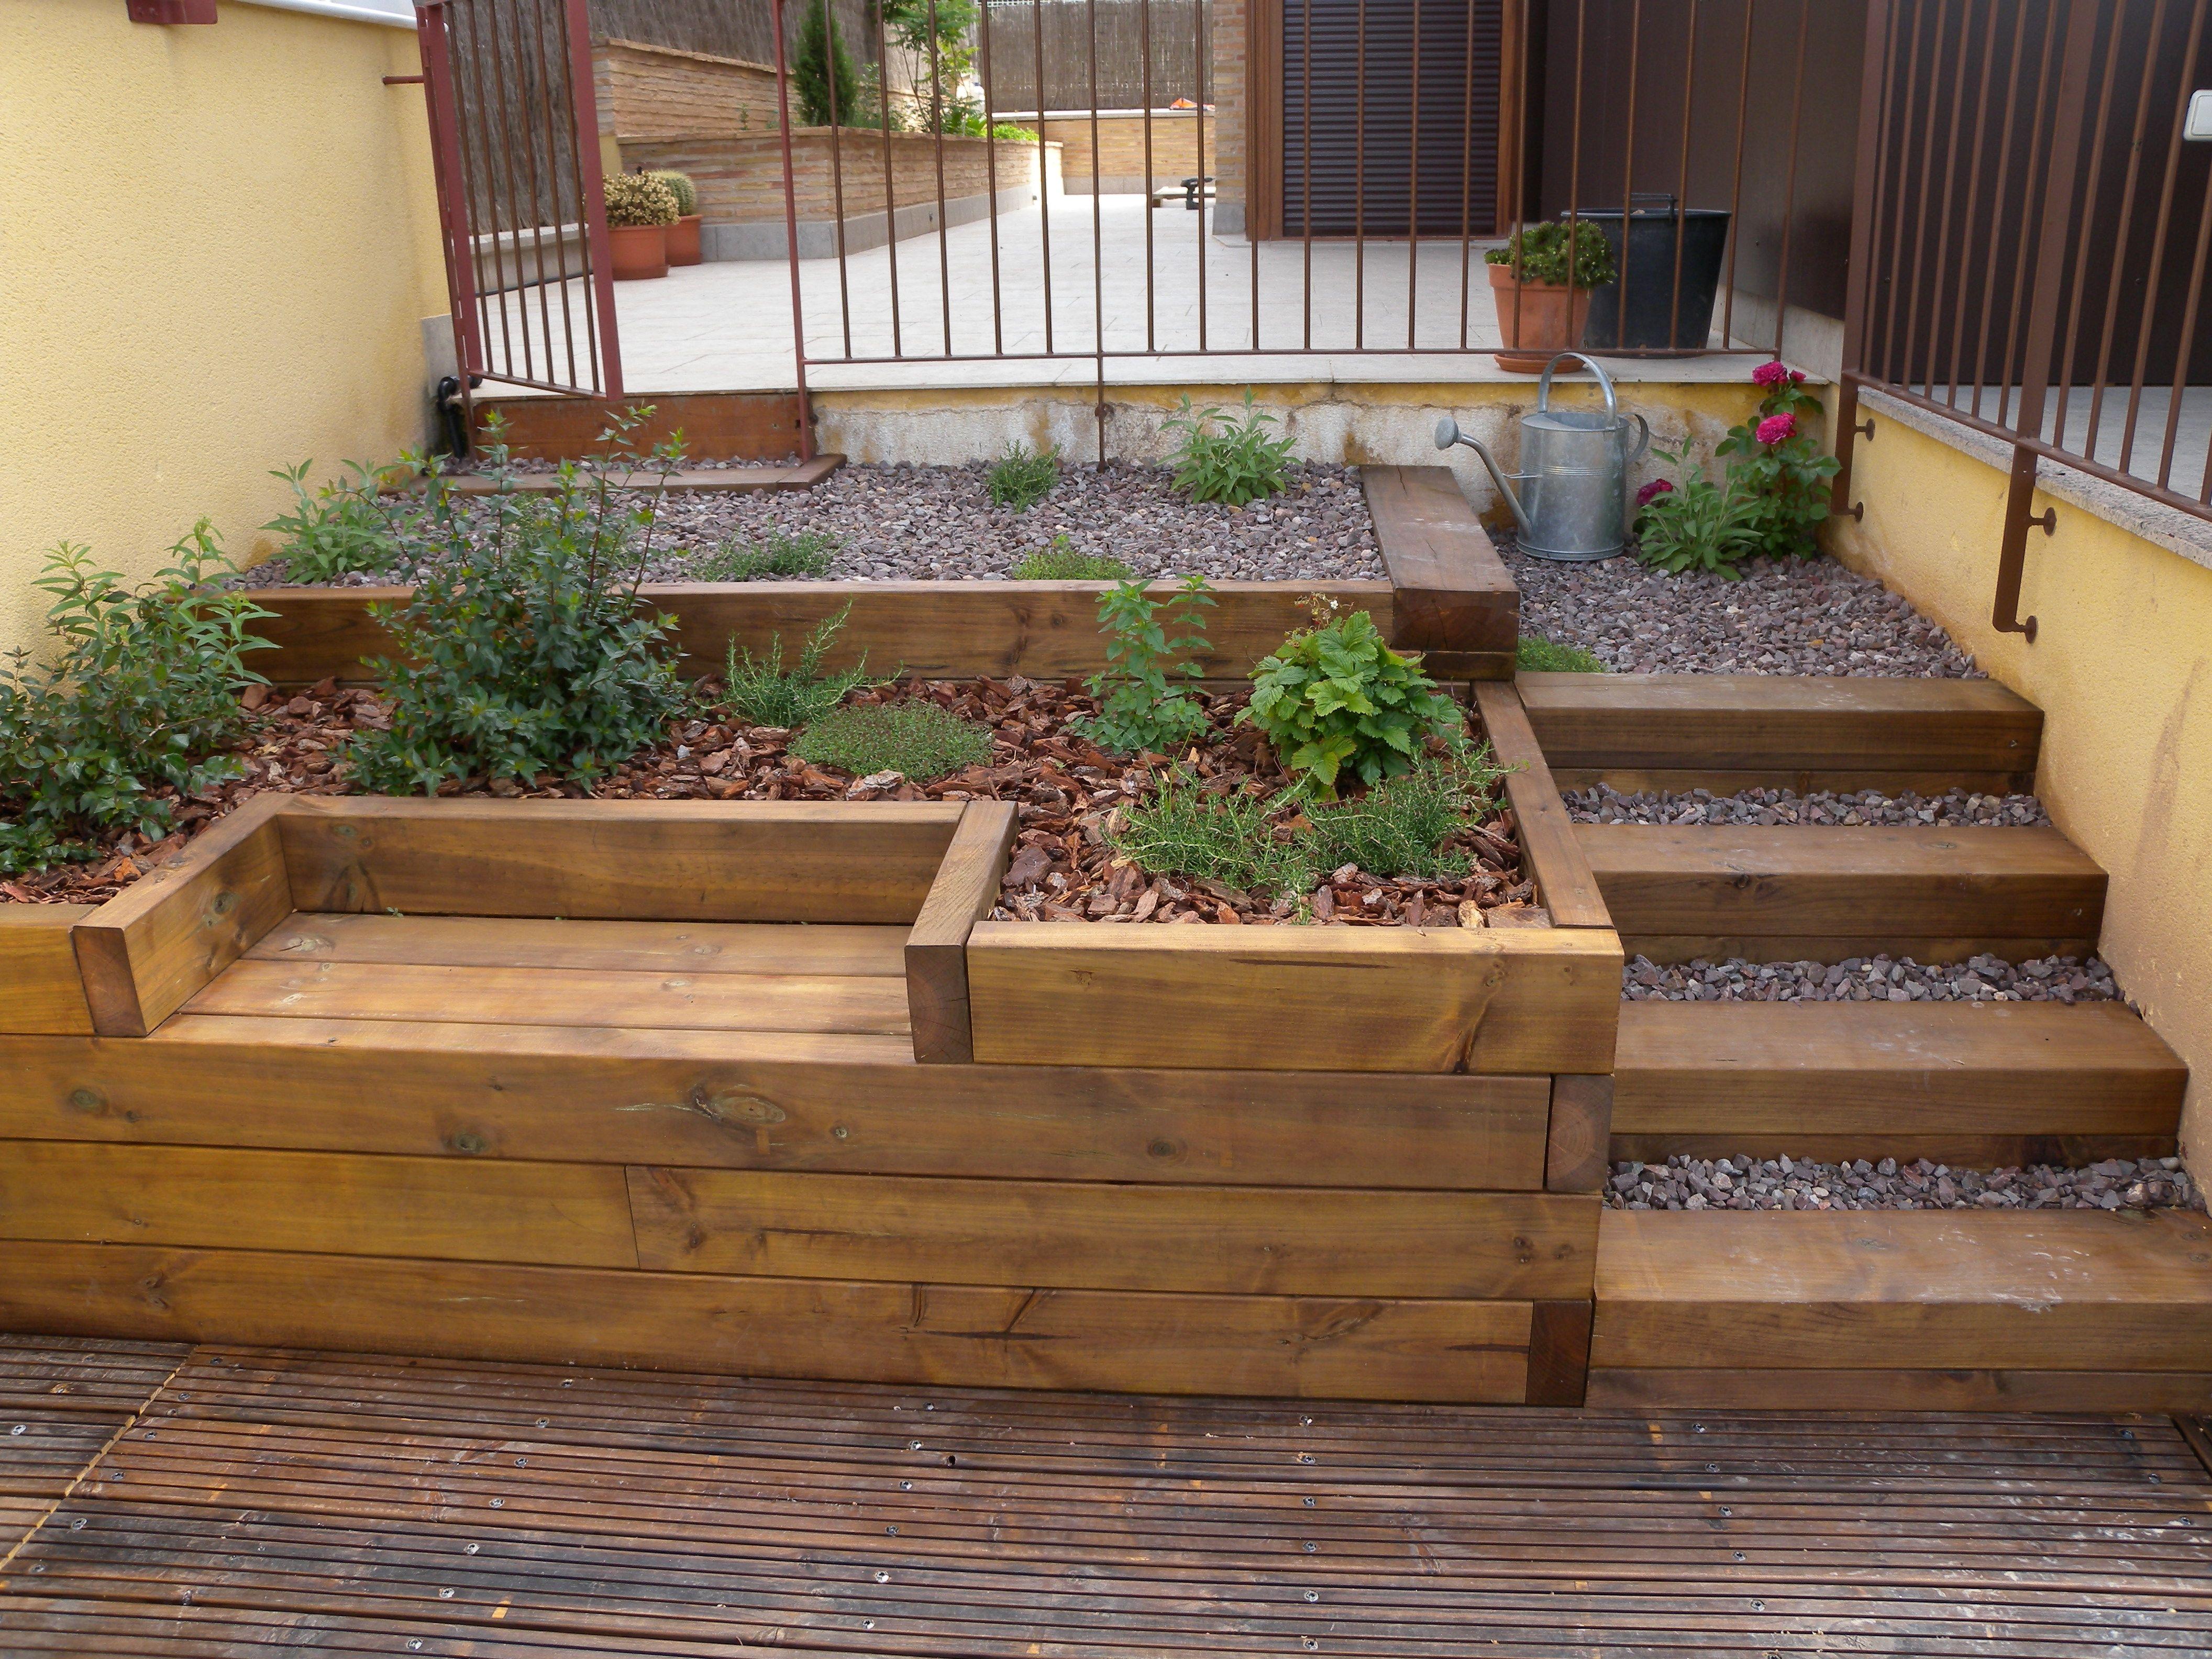 Escaleras banco y jardinera resueltos con traviesas de - Jardinera de madera ...